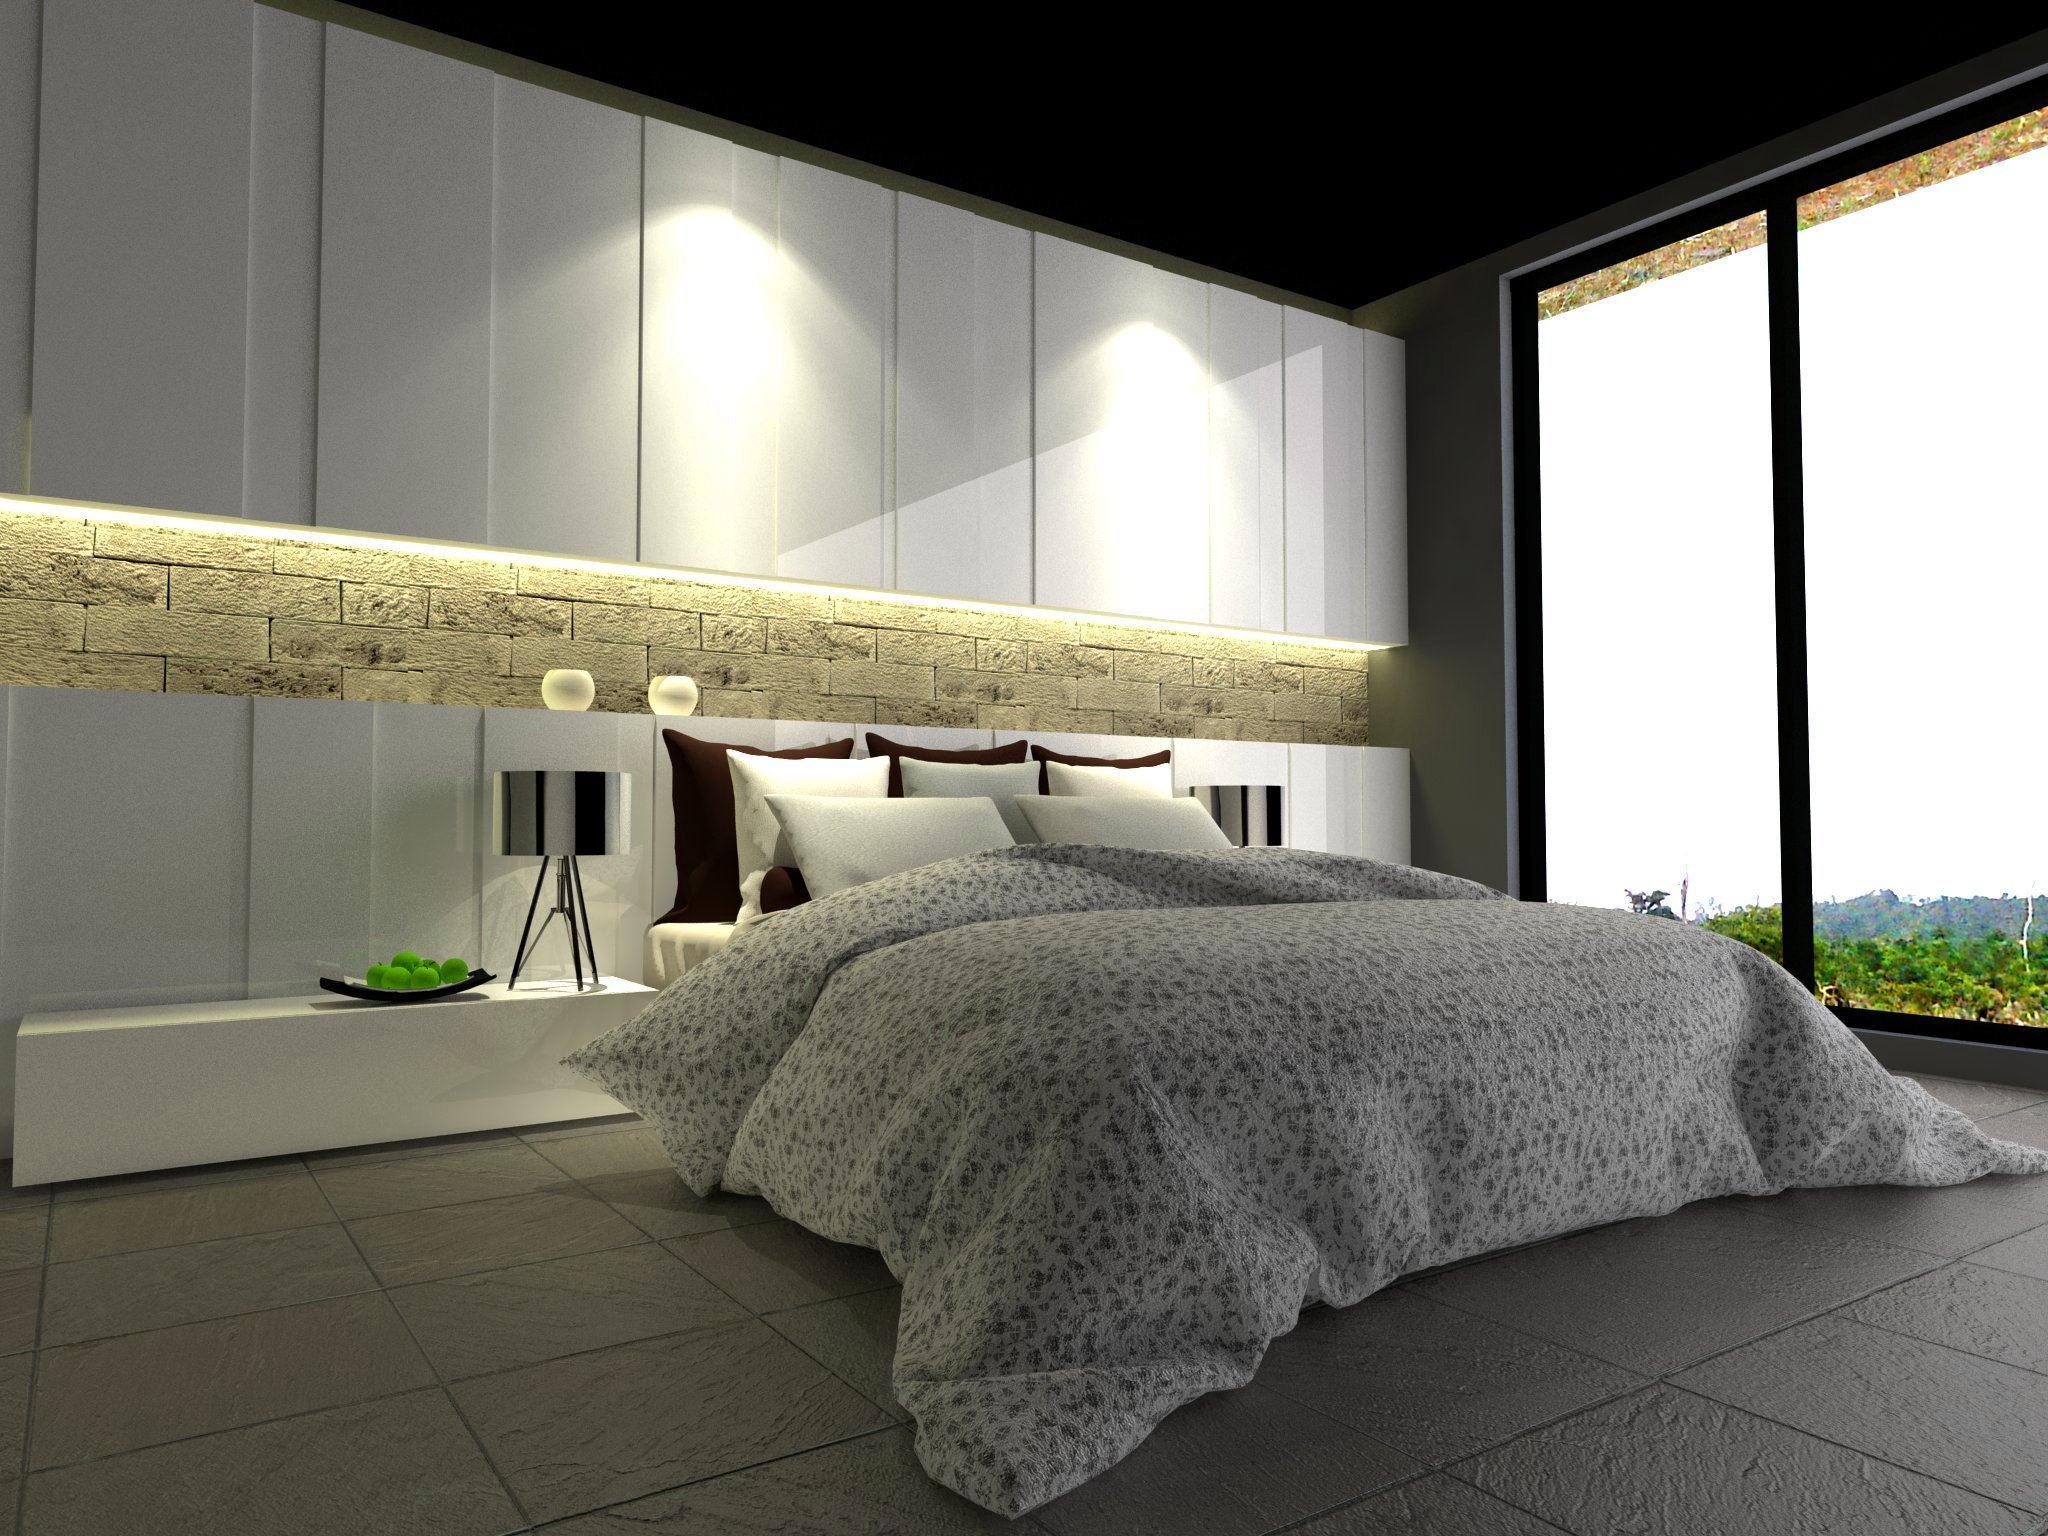 bedroom set interior design di penjaringan pluit, jakarta utara